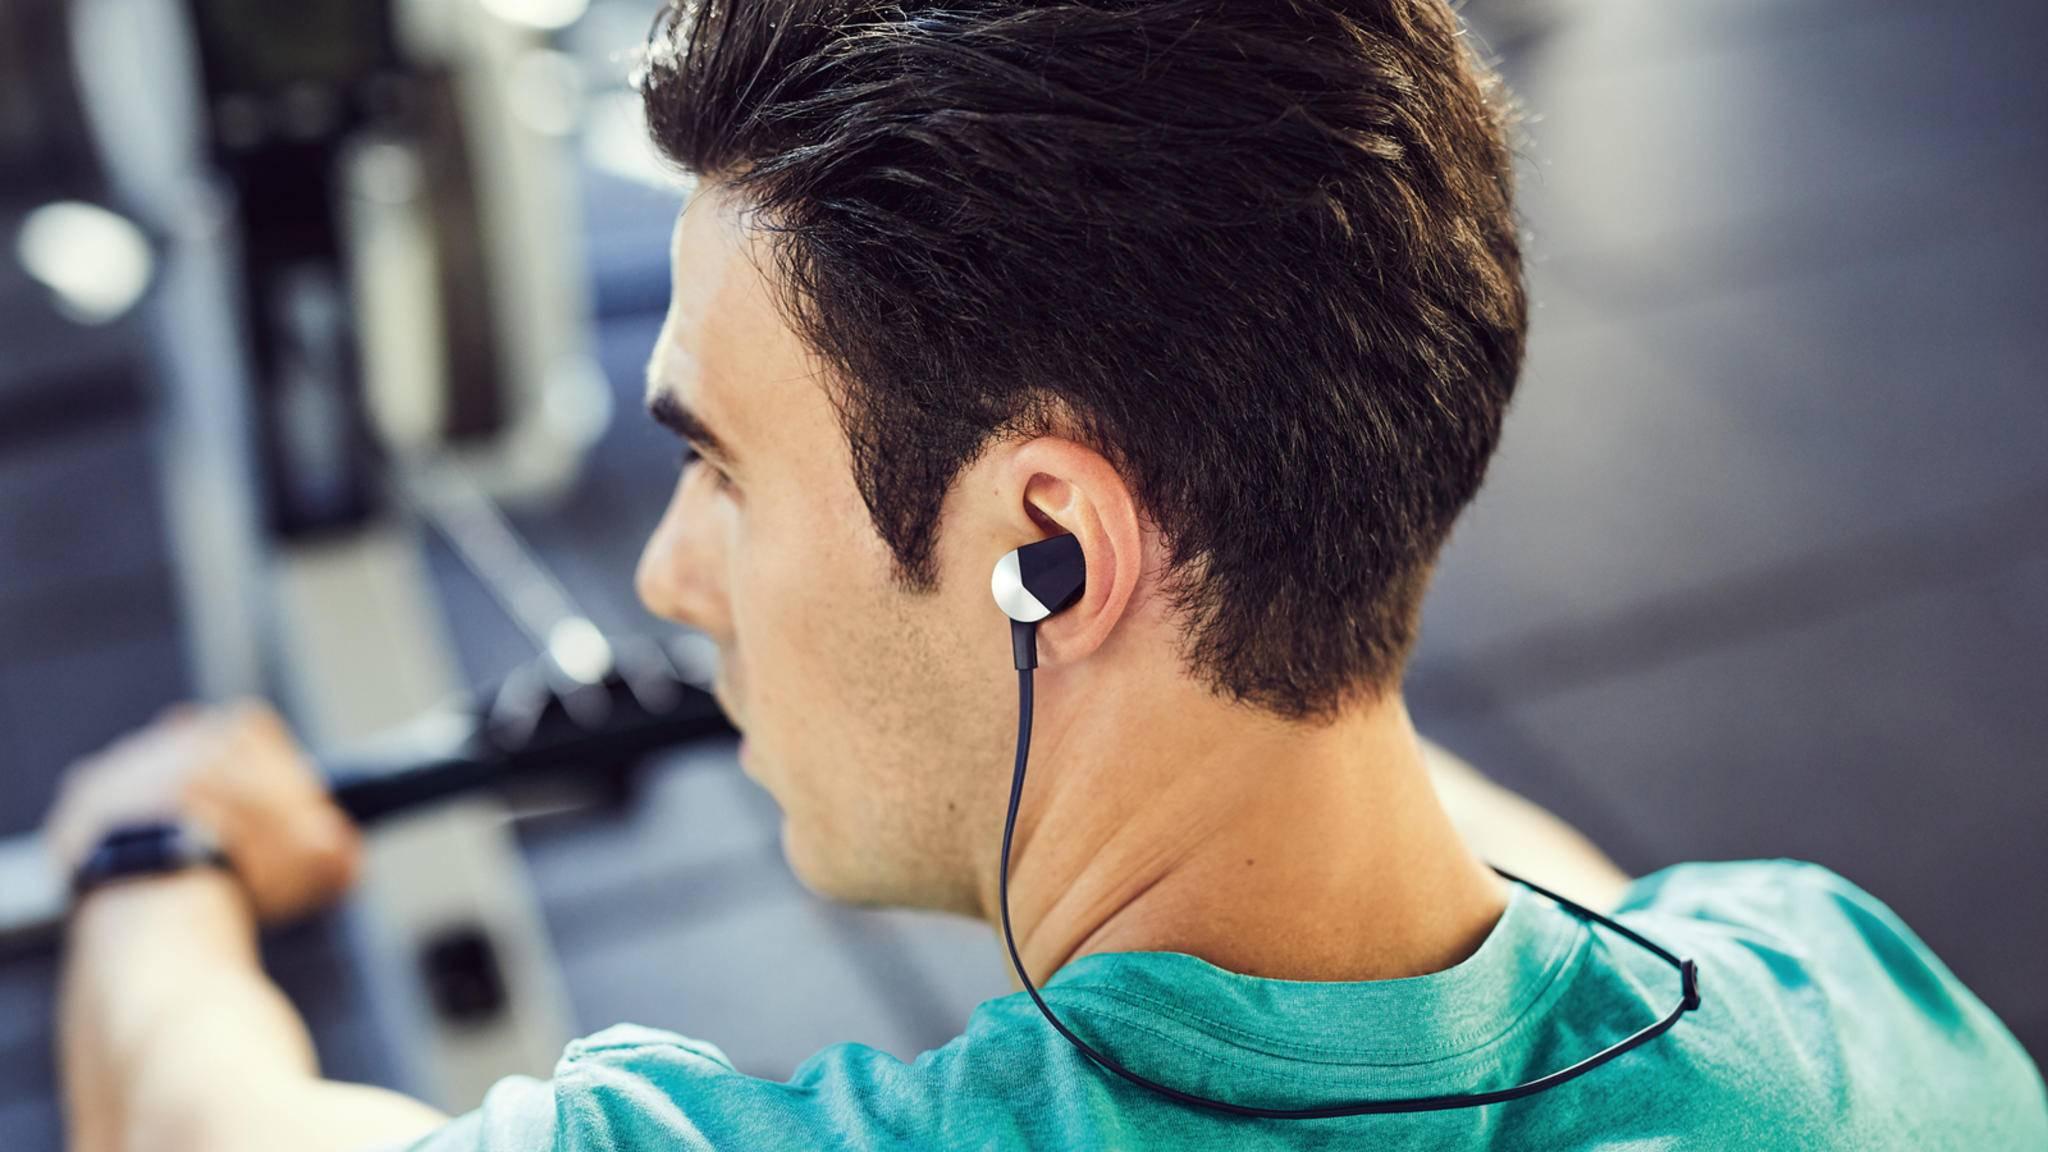 Der Fitbit Flyer wird als langlebiger Begleiter für das regelmäßige Workout beworben.